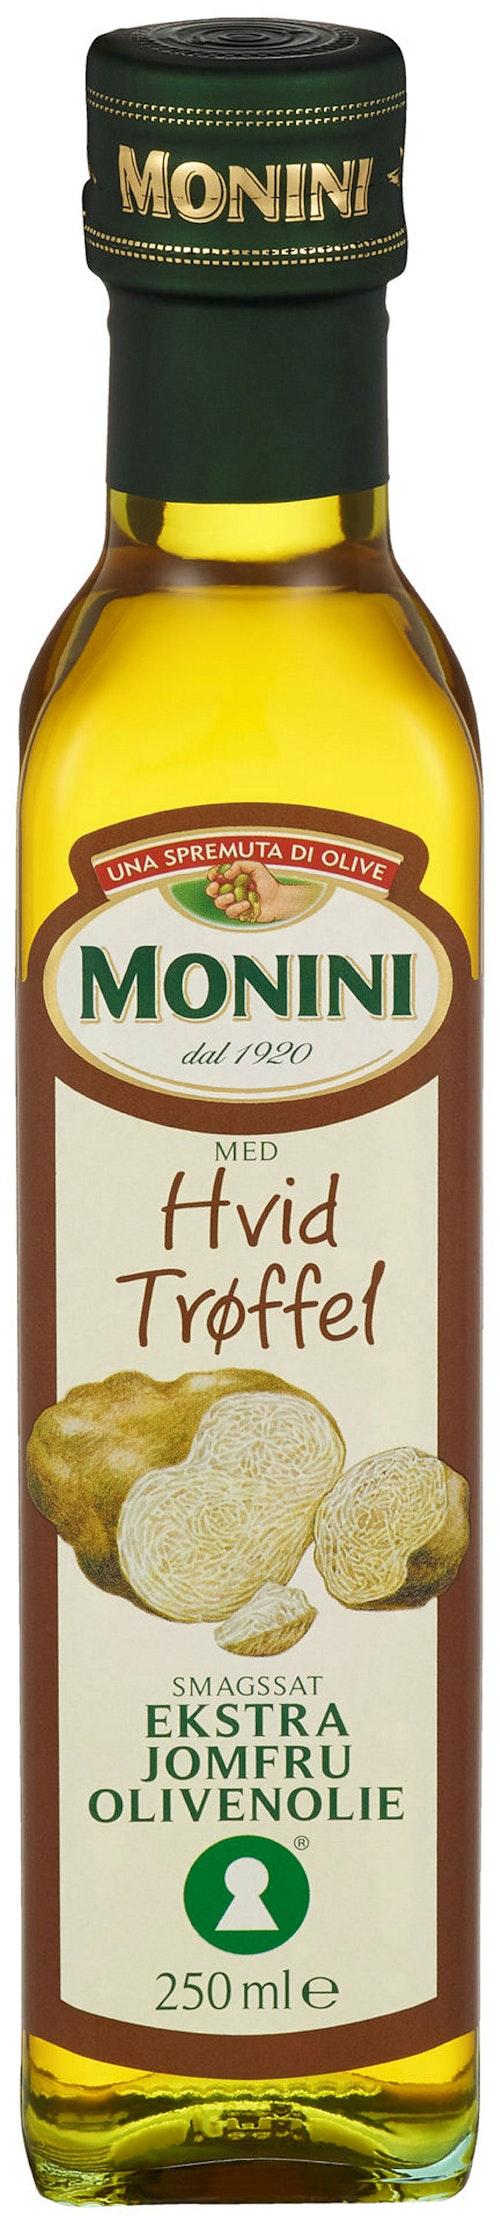 Monini Olivenolje Hvit Trøffel, 250 ml